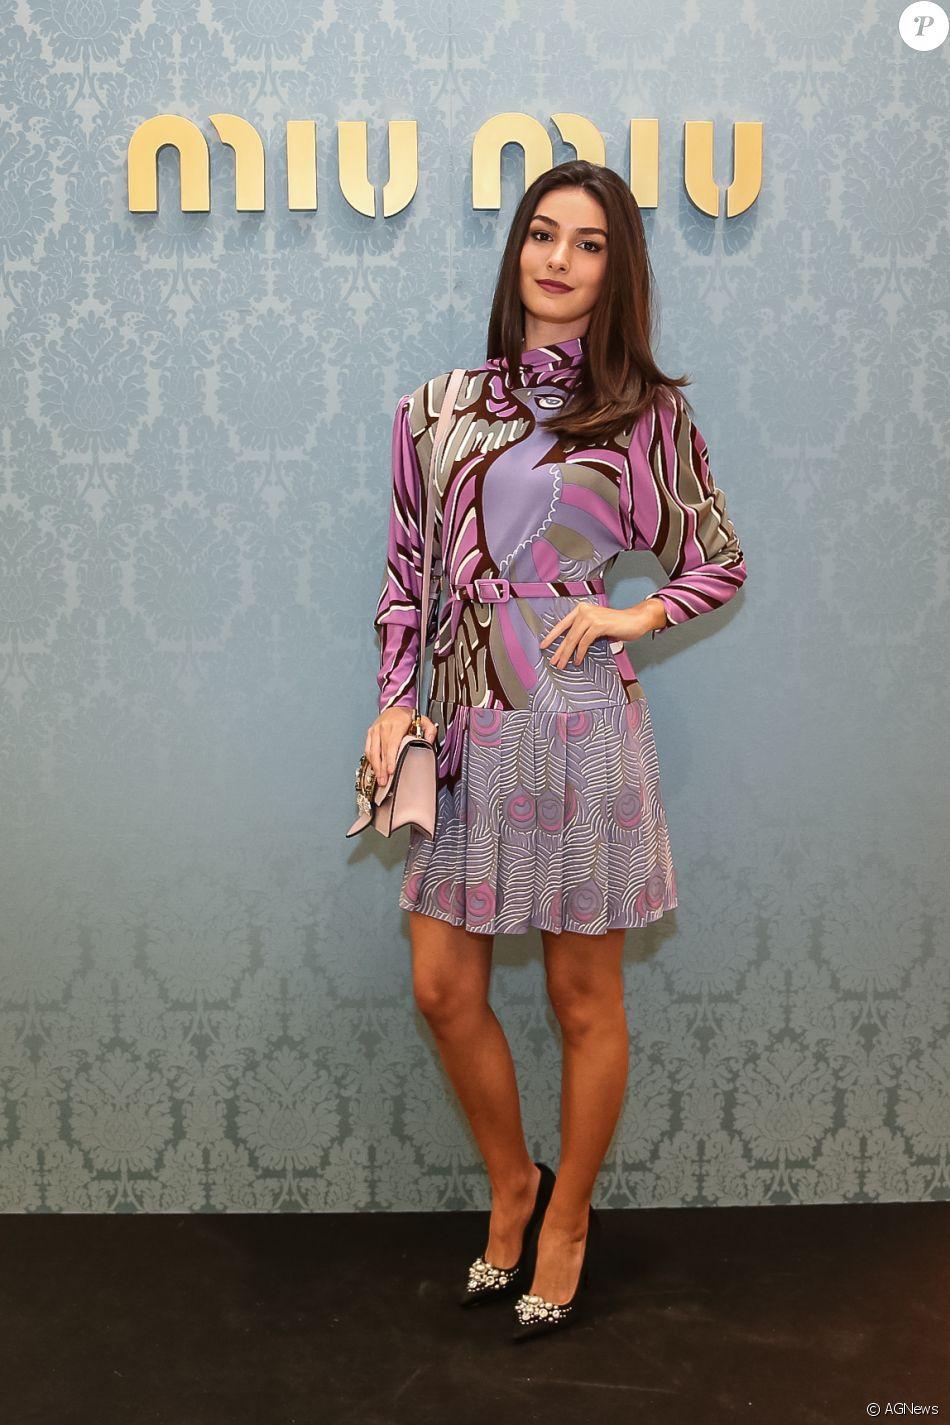 Marina Moschen usou vestido Miu Miu exclusivo na reabertura da loja da grife  no shopping JK Iguatemi, em São Paulo, nesta quinta-feira, 24 de agosto de  2017 59332c29f5